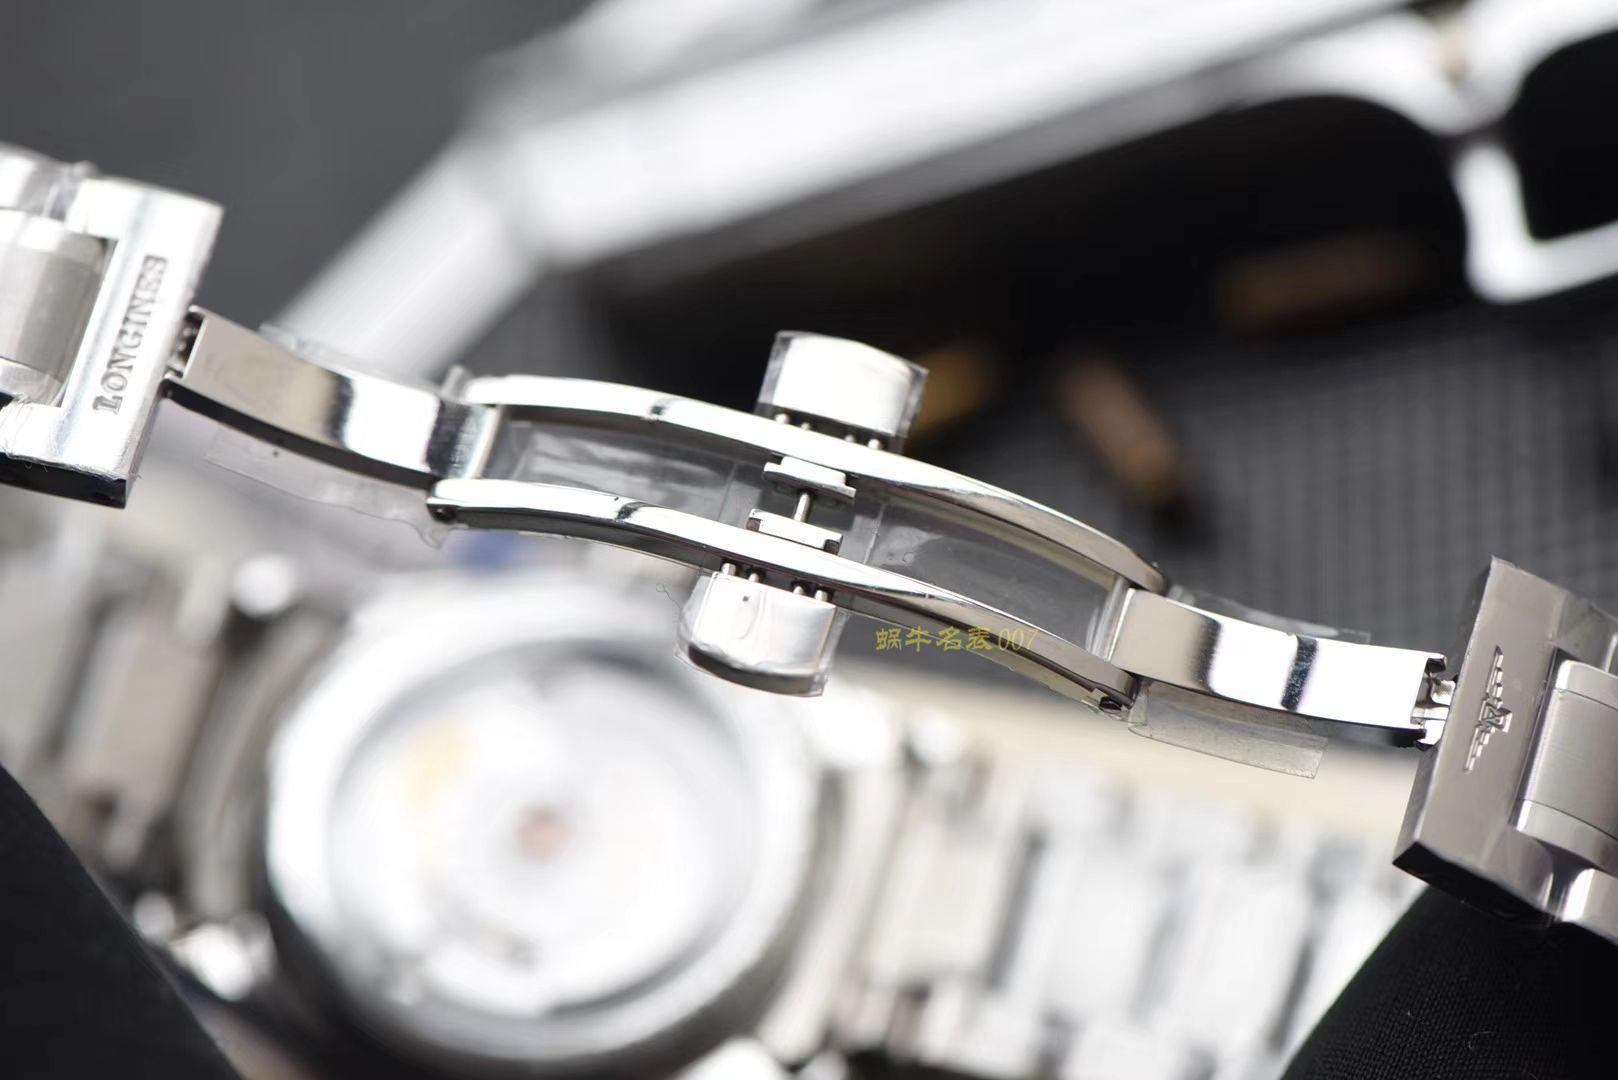 视频评测浪琴制表传统系列L2.910.4.77.6腕表【LG一比一超A高仿浪琴名匠手表】 / L107